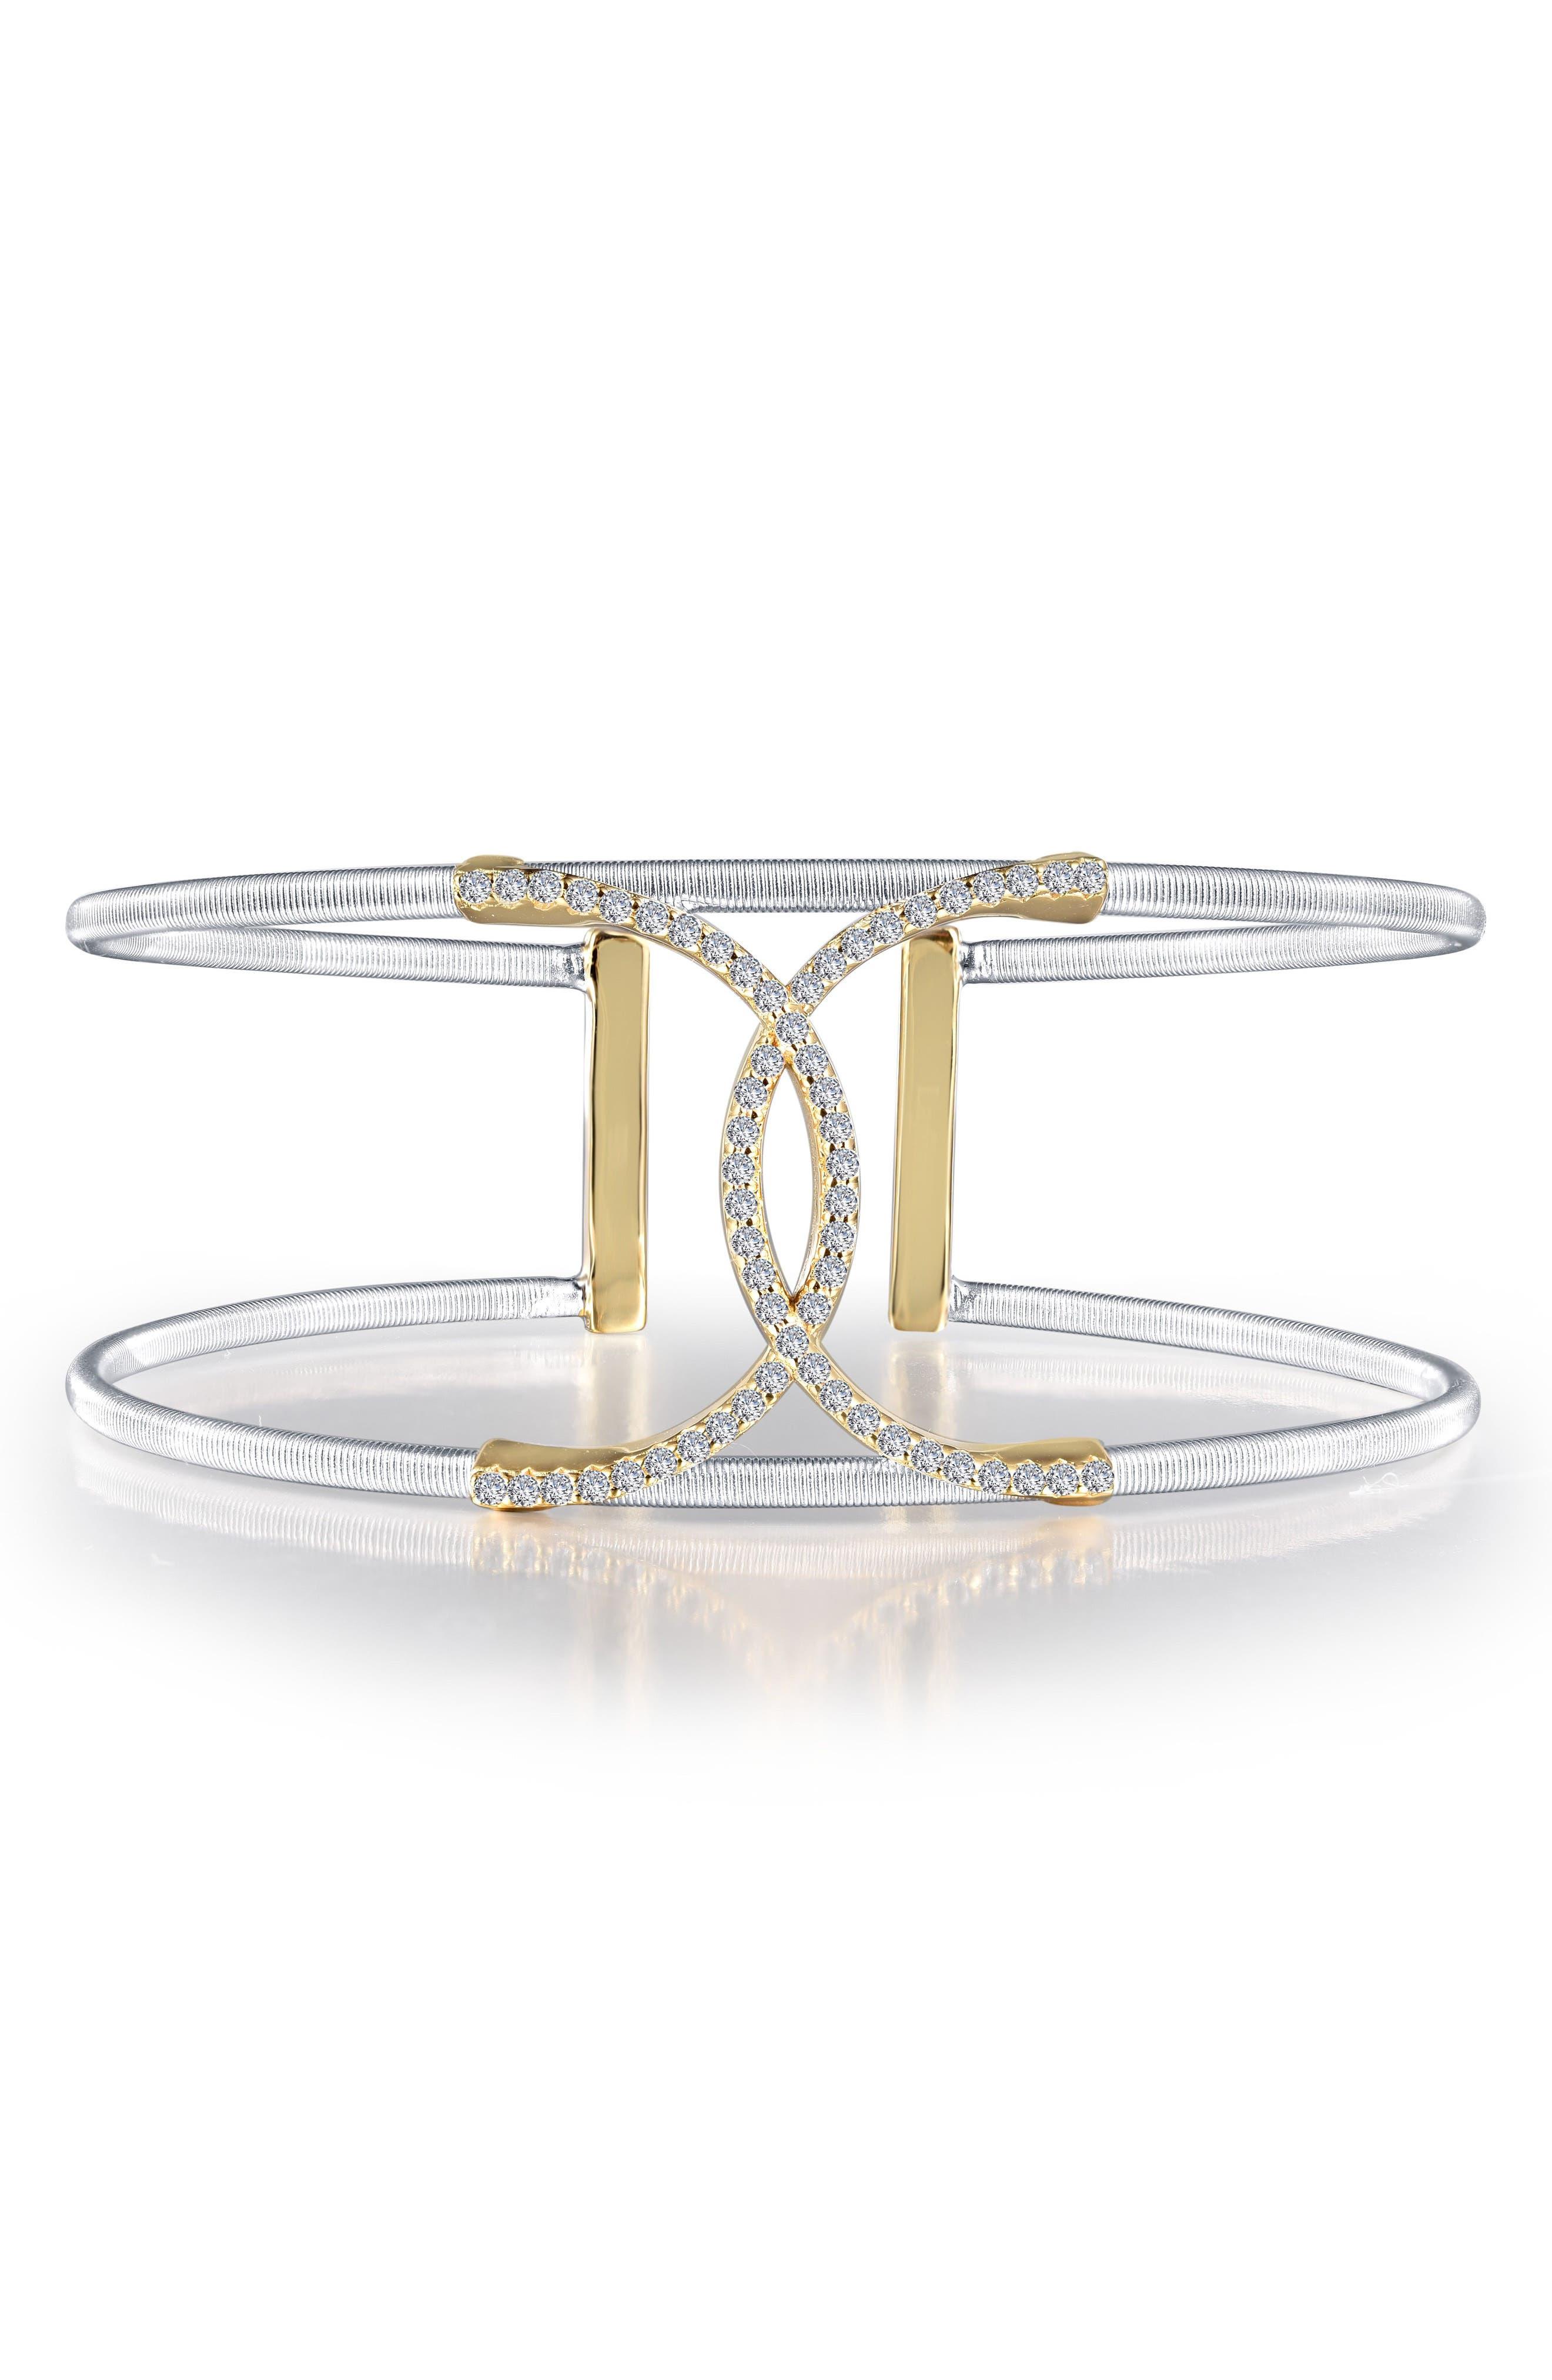 Main Image - Lafonn Simulated Diamond Cuff